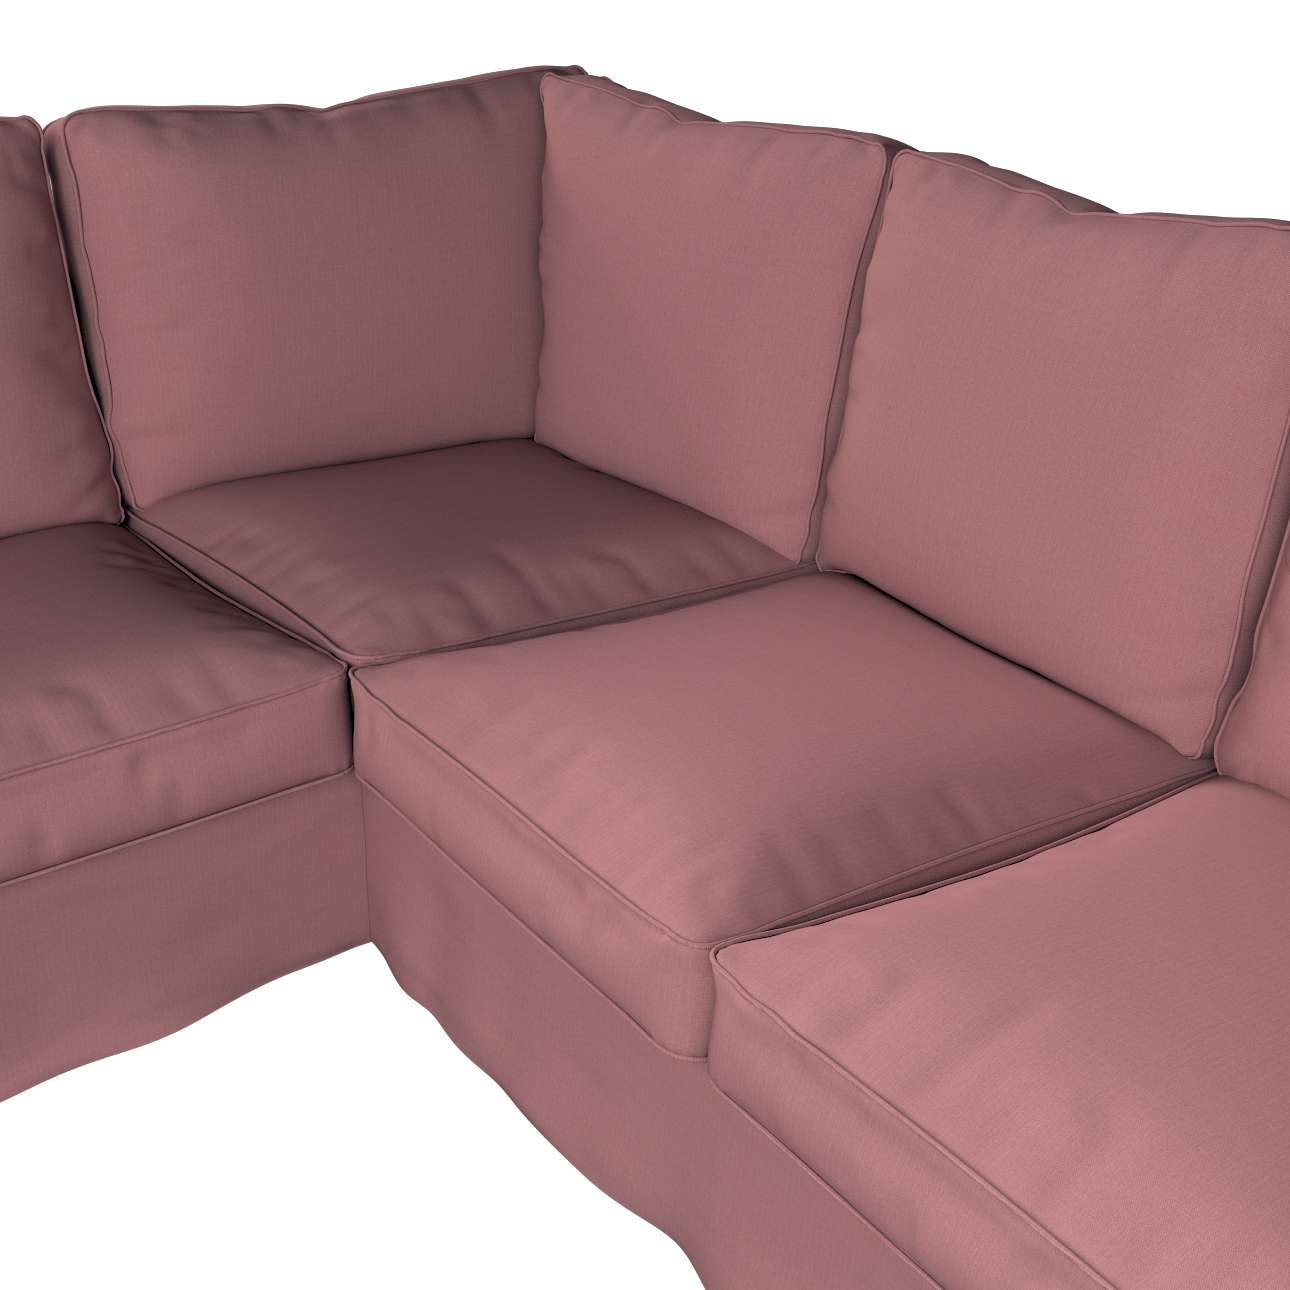 Pokrowiec na sofę narożną Ektorp w kolekcji Cotton Panama, tkanina: 702-43